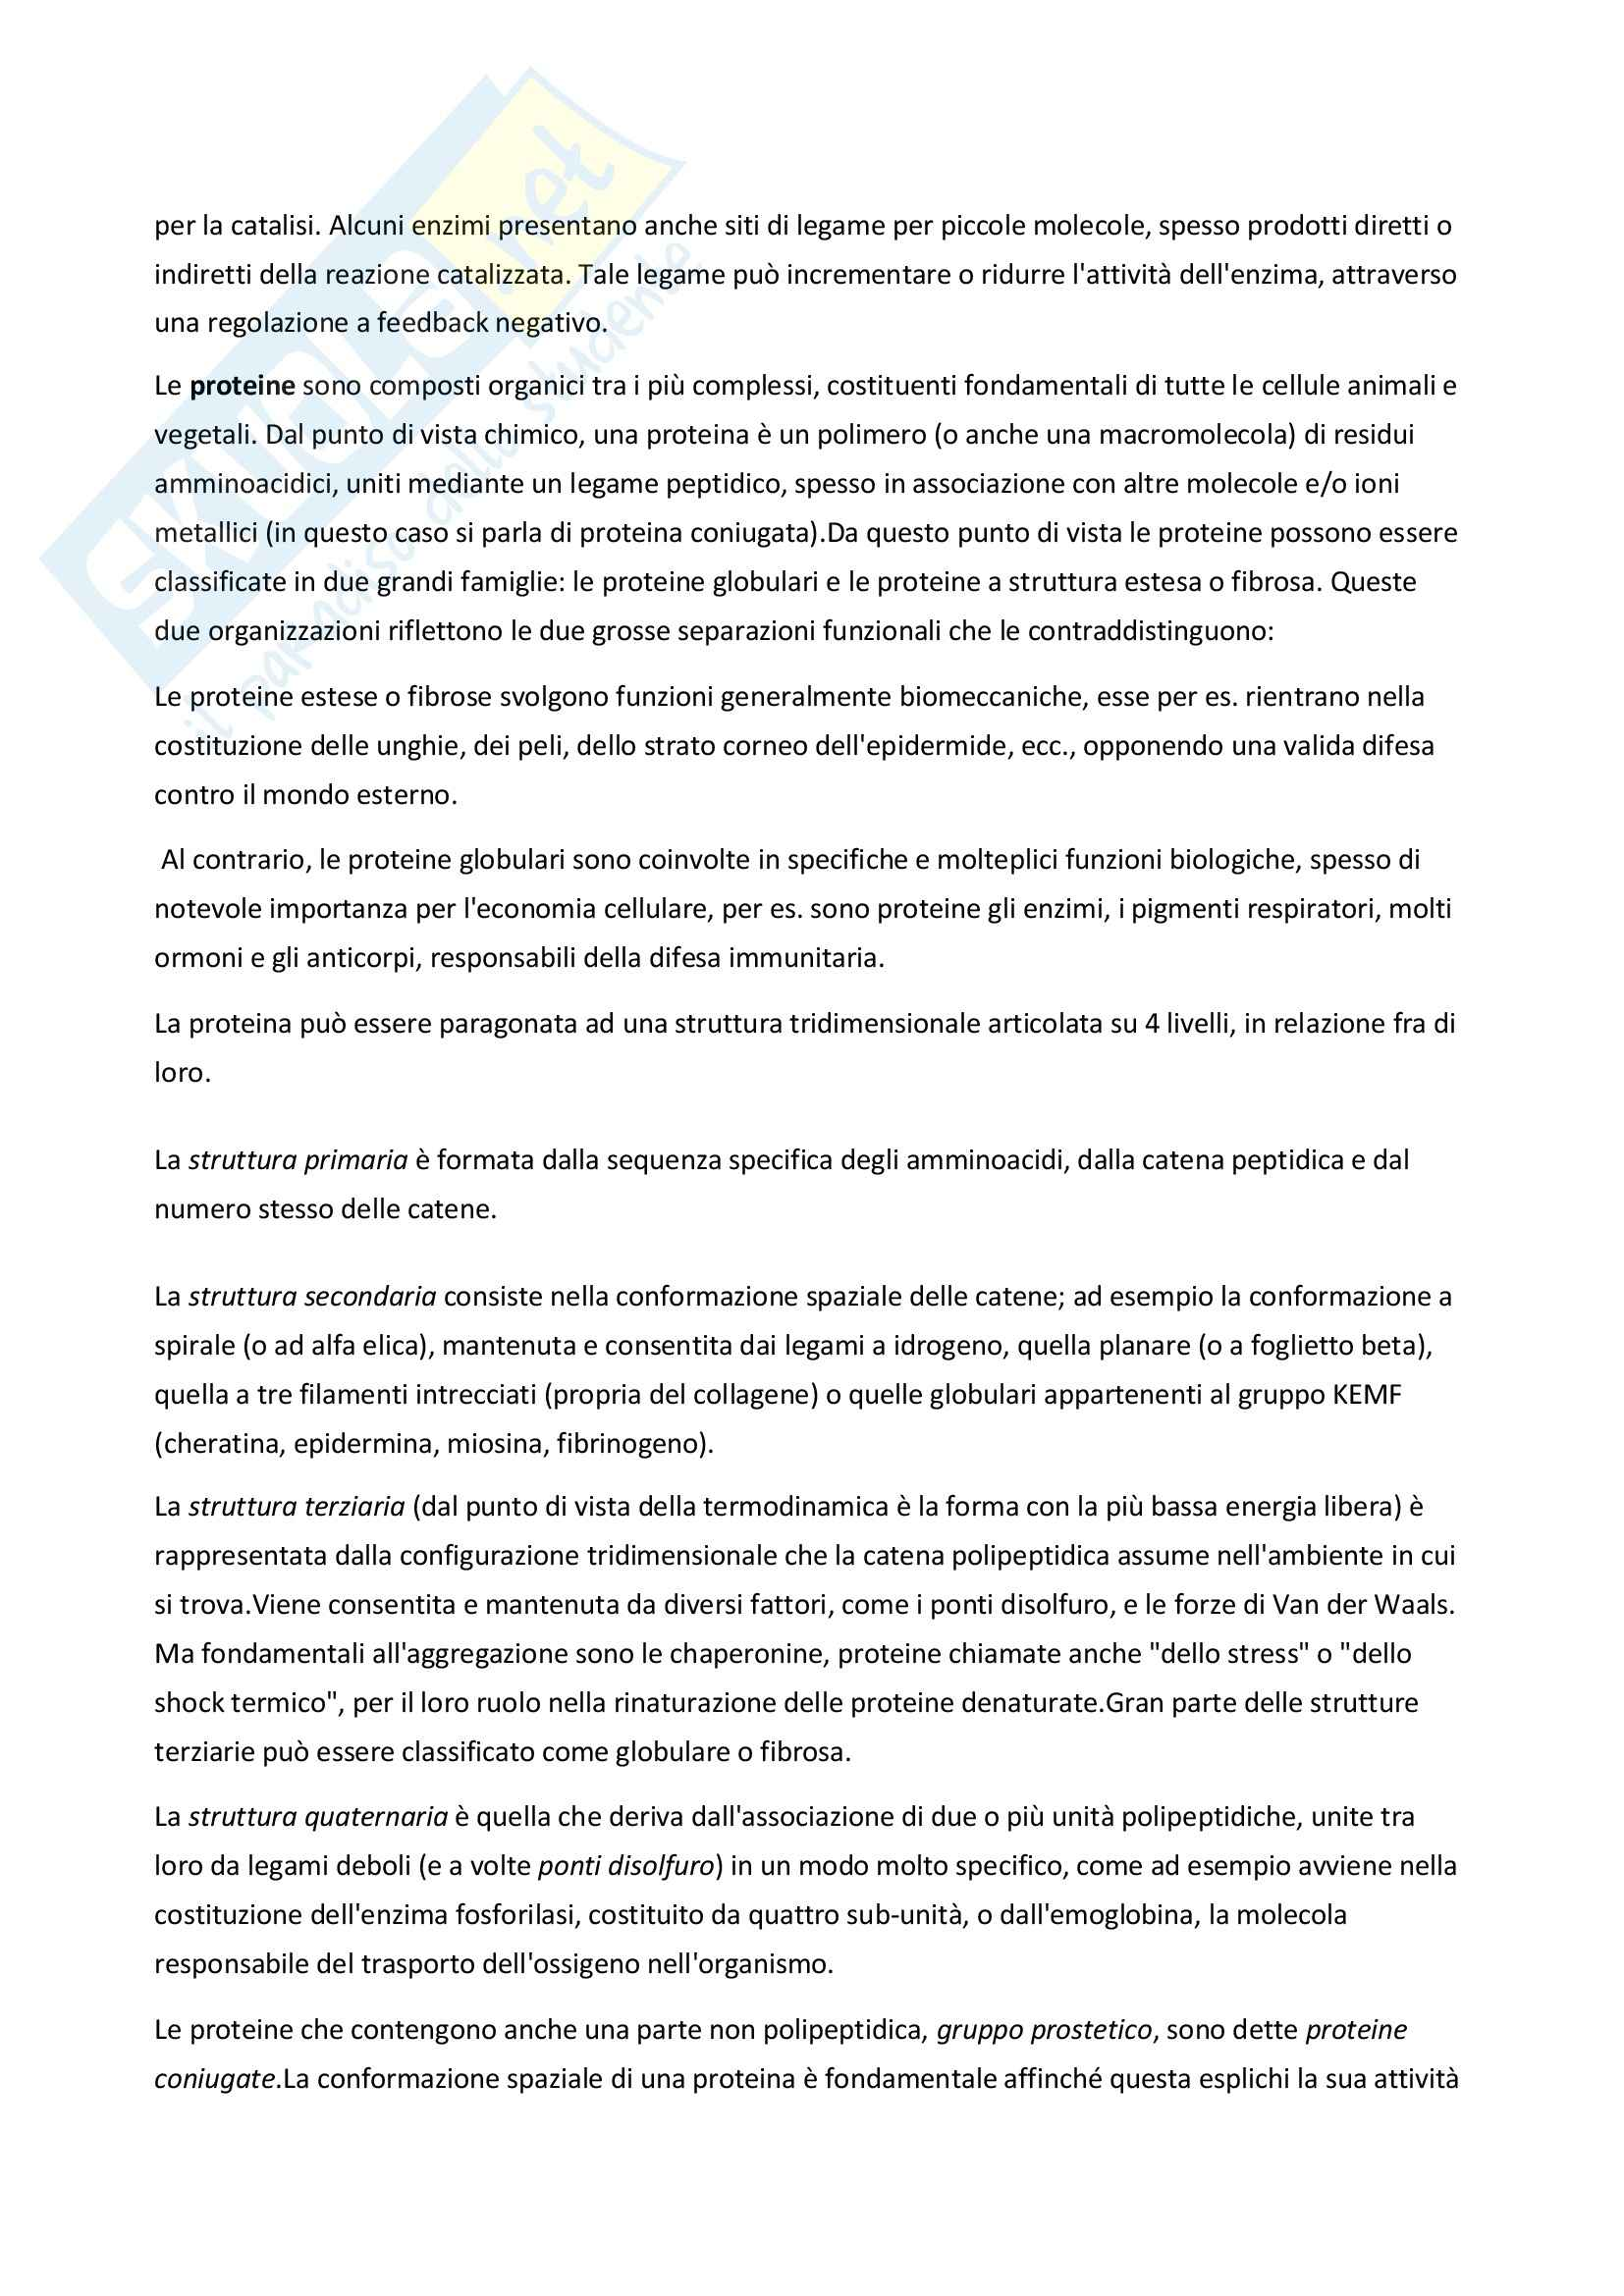 Biologia molecolare - Appunti Pag. 2